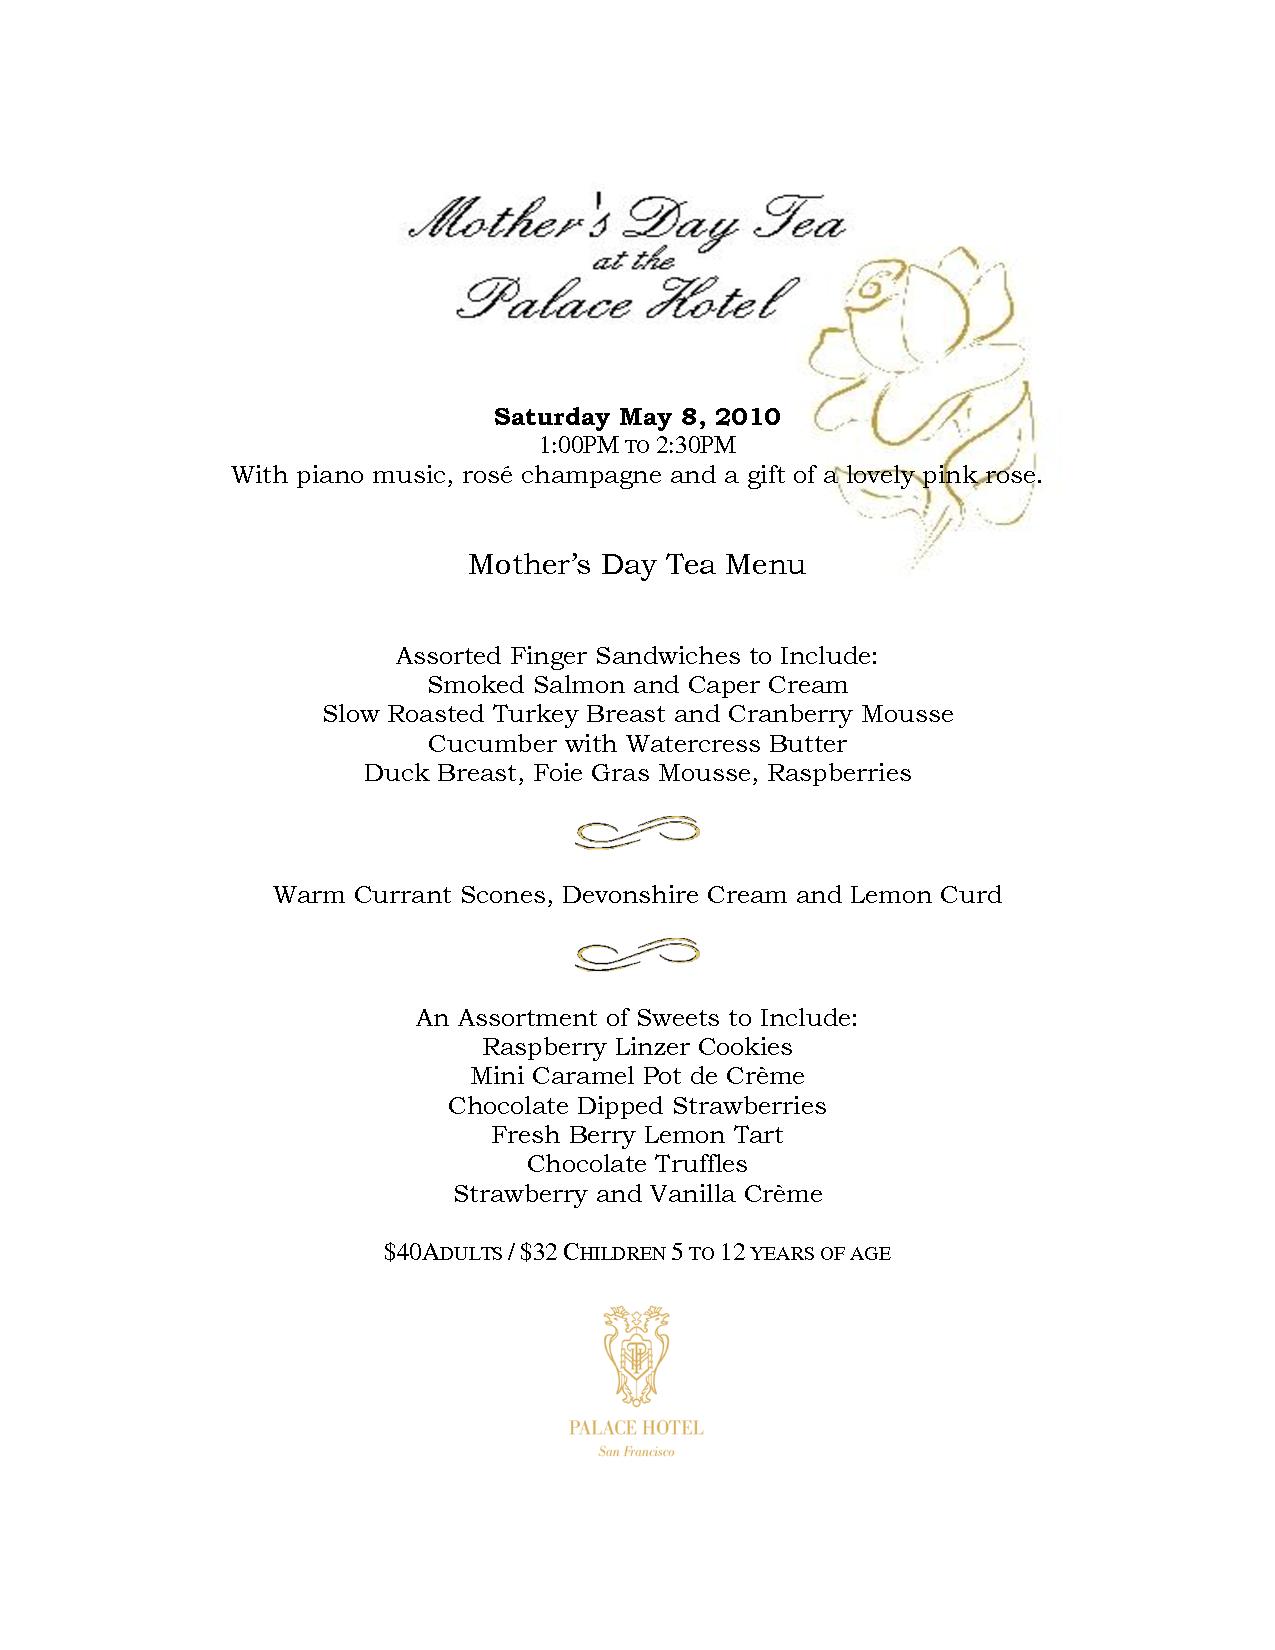 english tea party menu | Mother's Day Tea Menu